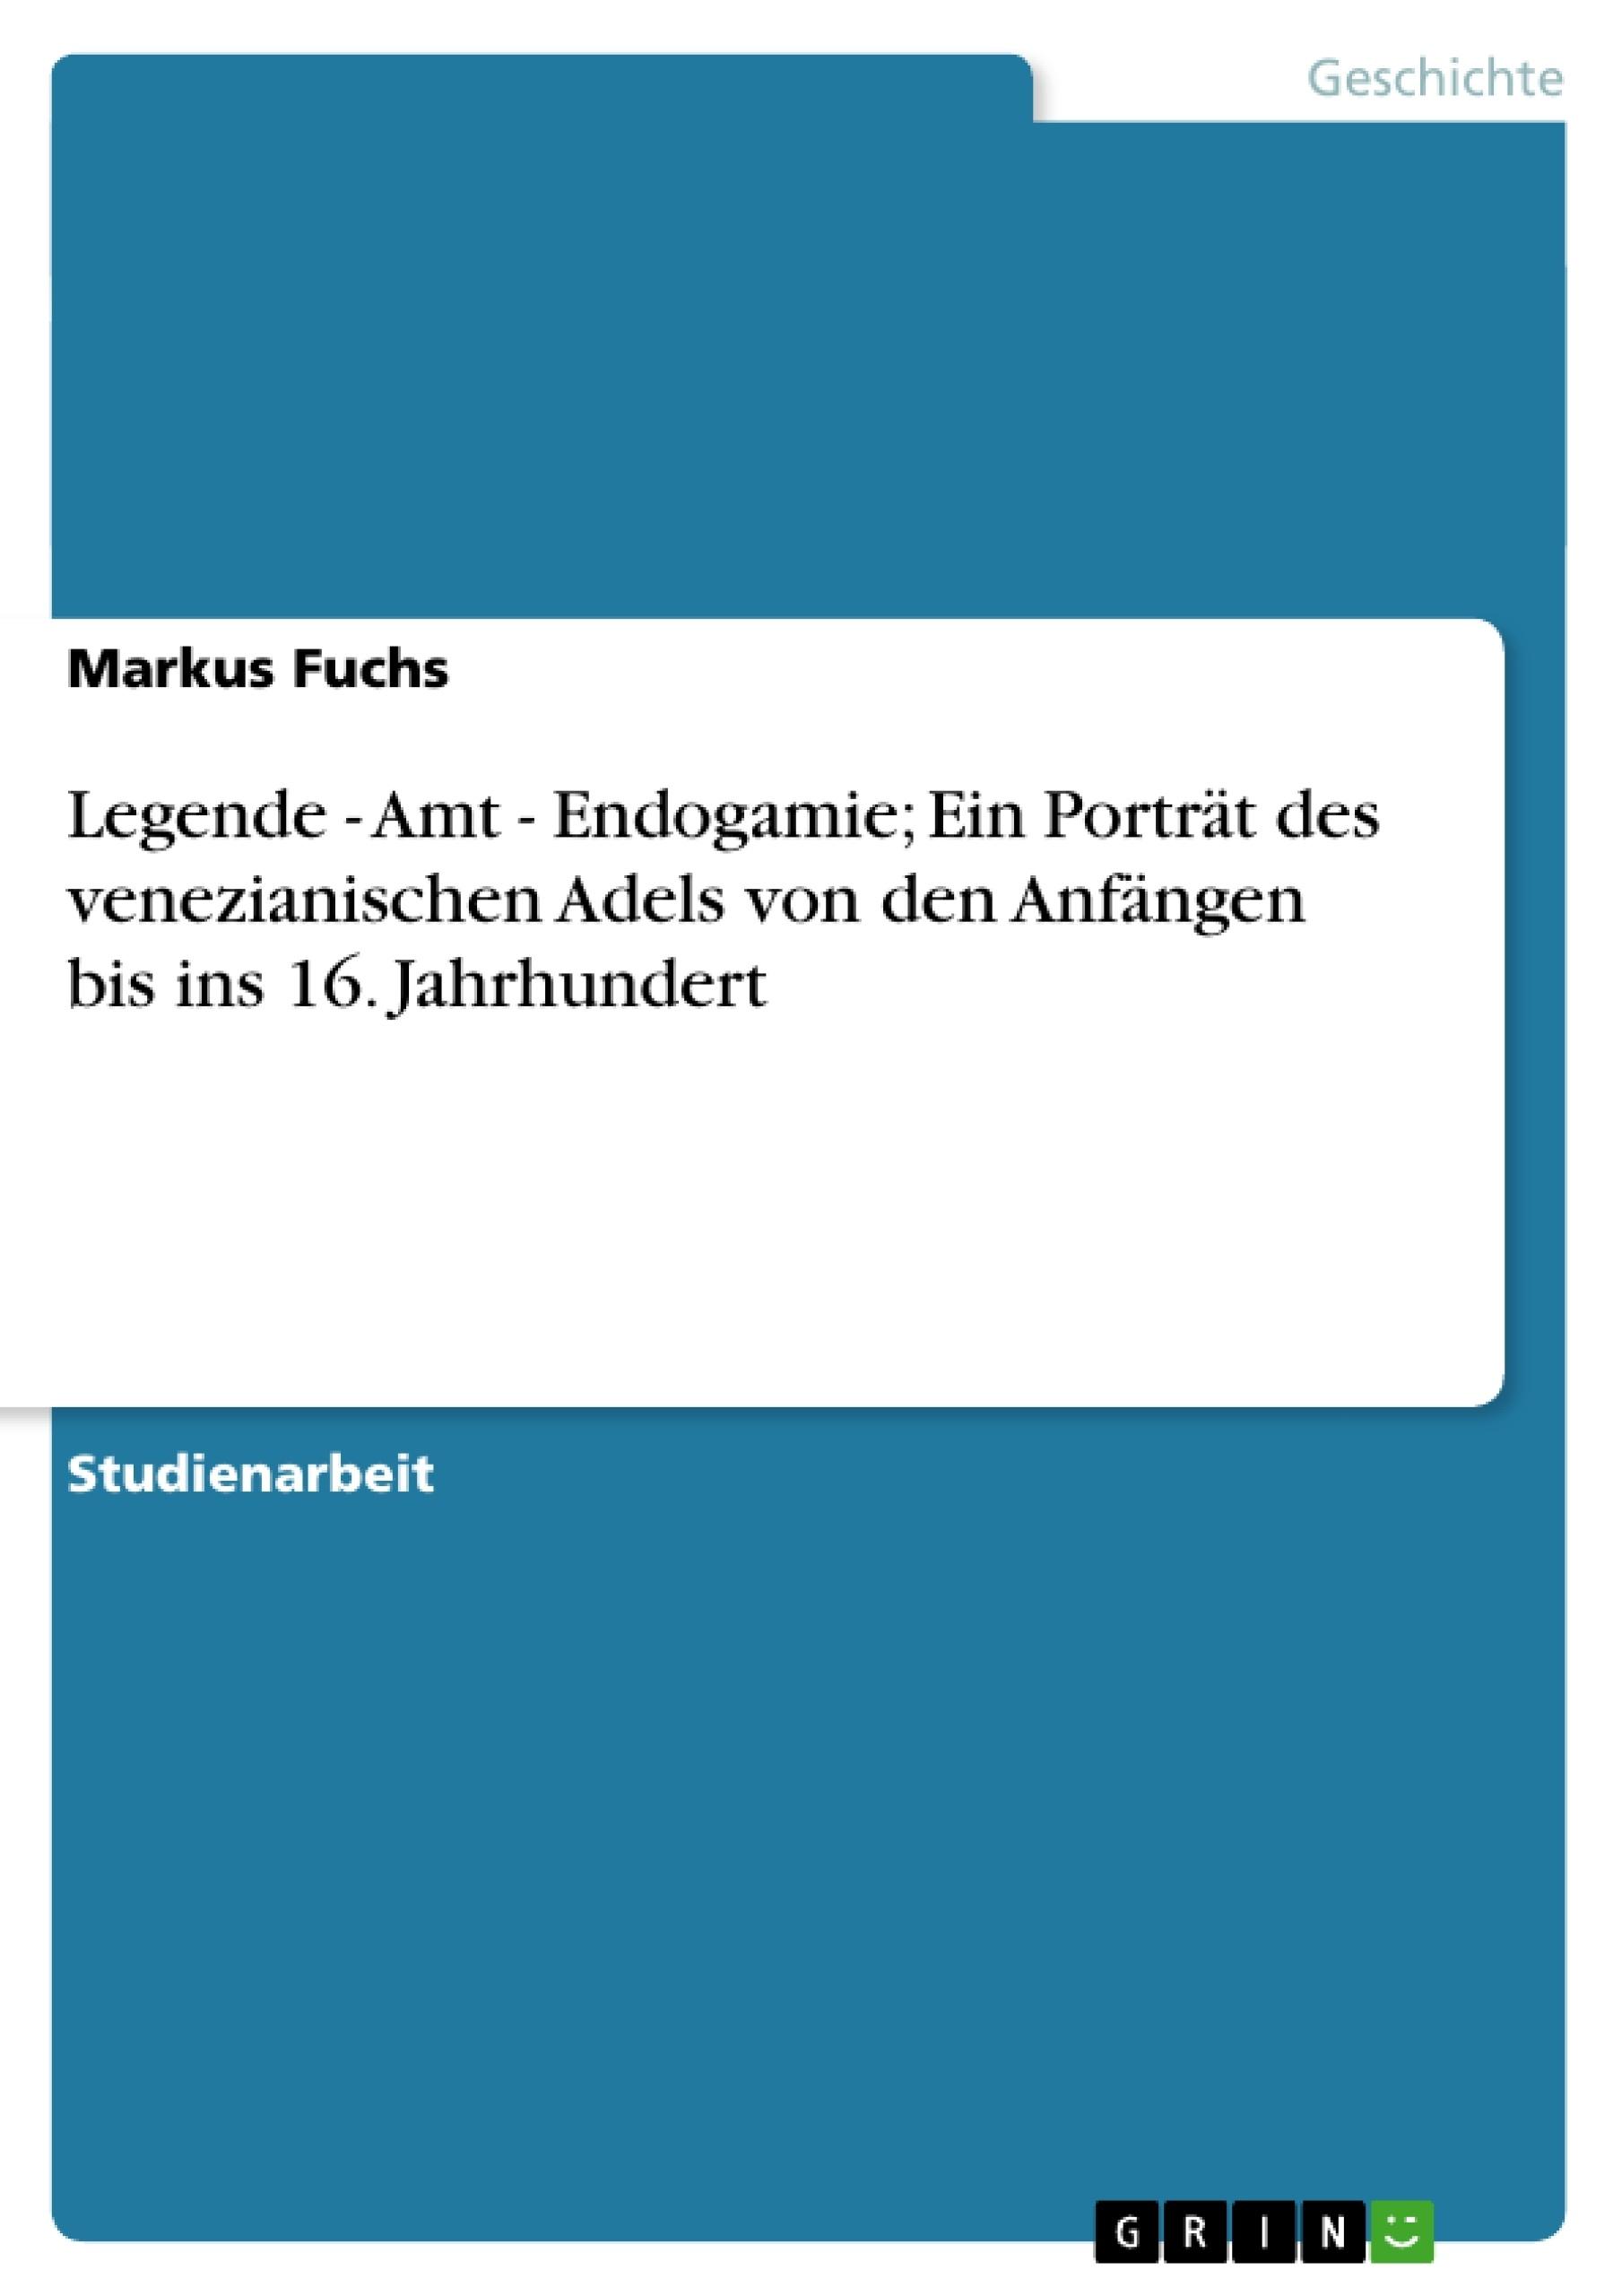 Titel: Legende - Amt - Endogamie;  Ein Porträt des venezianischen Adels von den Anfängen bis ins 16. Jahrhundert